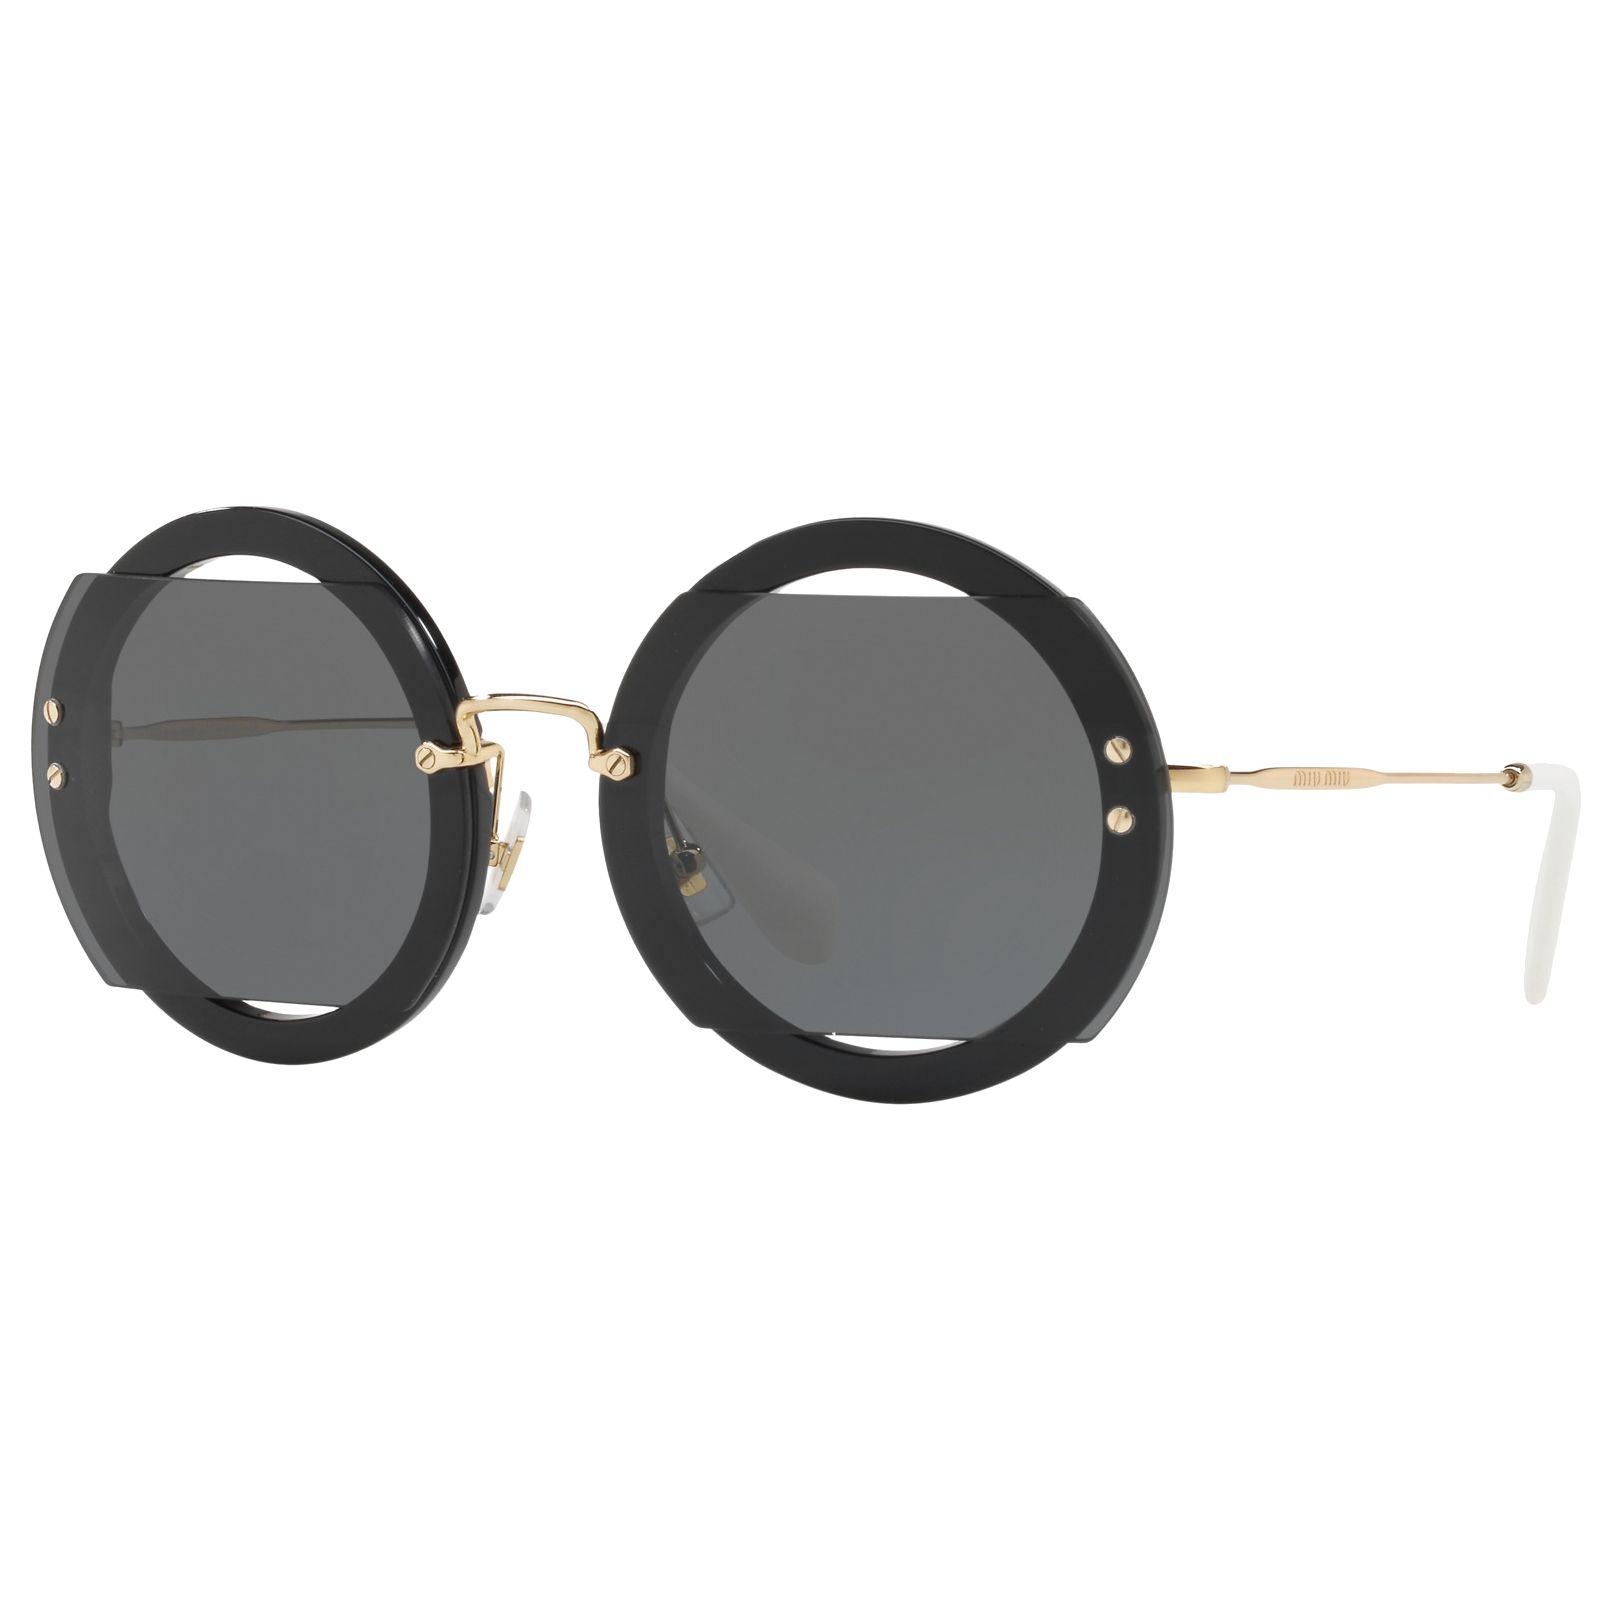 Miu Miu Miu Miu MU 06SS Round Sunglasses, Black